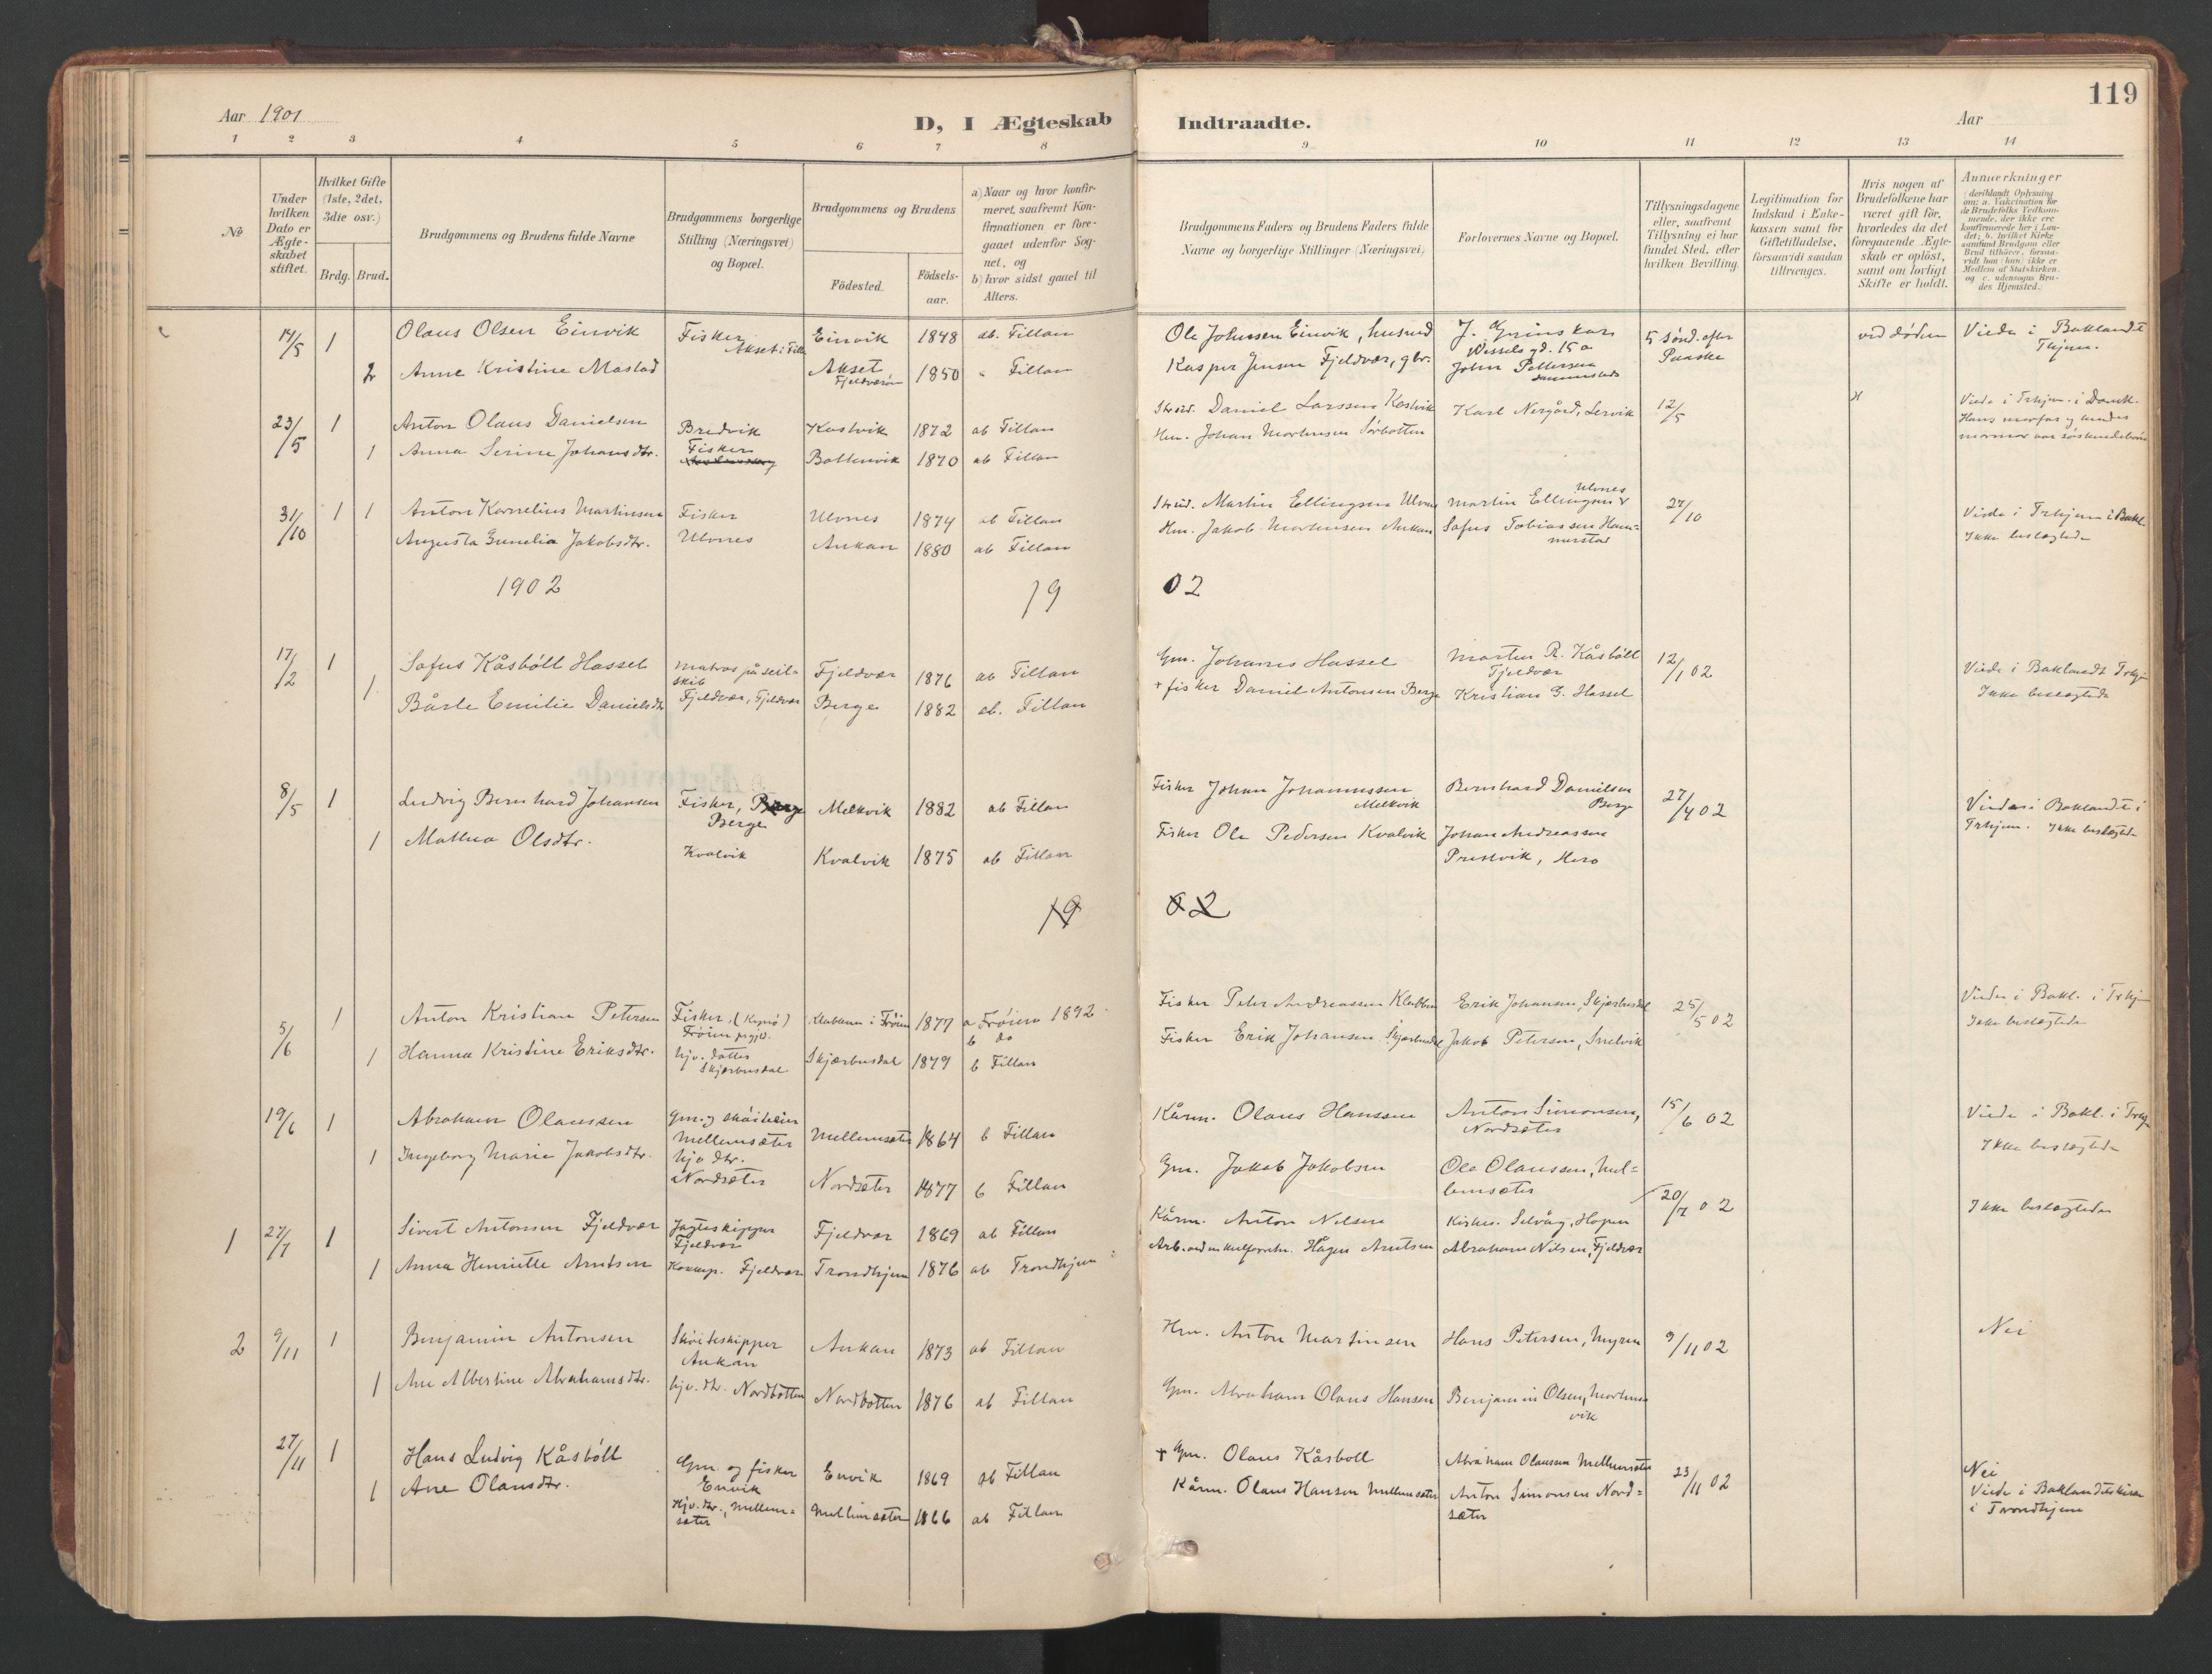 SAT, Ministerialprotokoller, klokkerbøker og fødselsregistre - Sør-Trøndelag, 638/L0568: Ministerialbok nr. 638A01, 1901-1916, s. 119